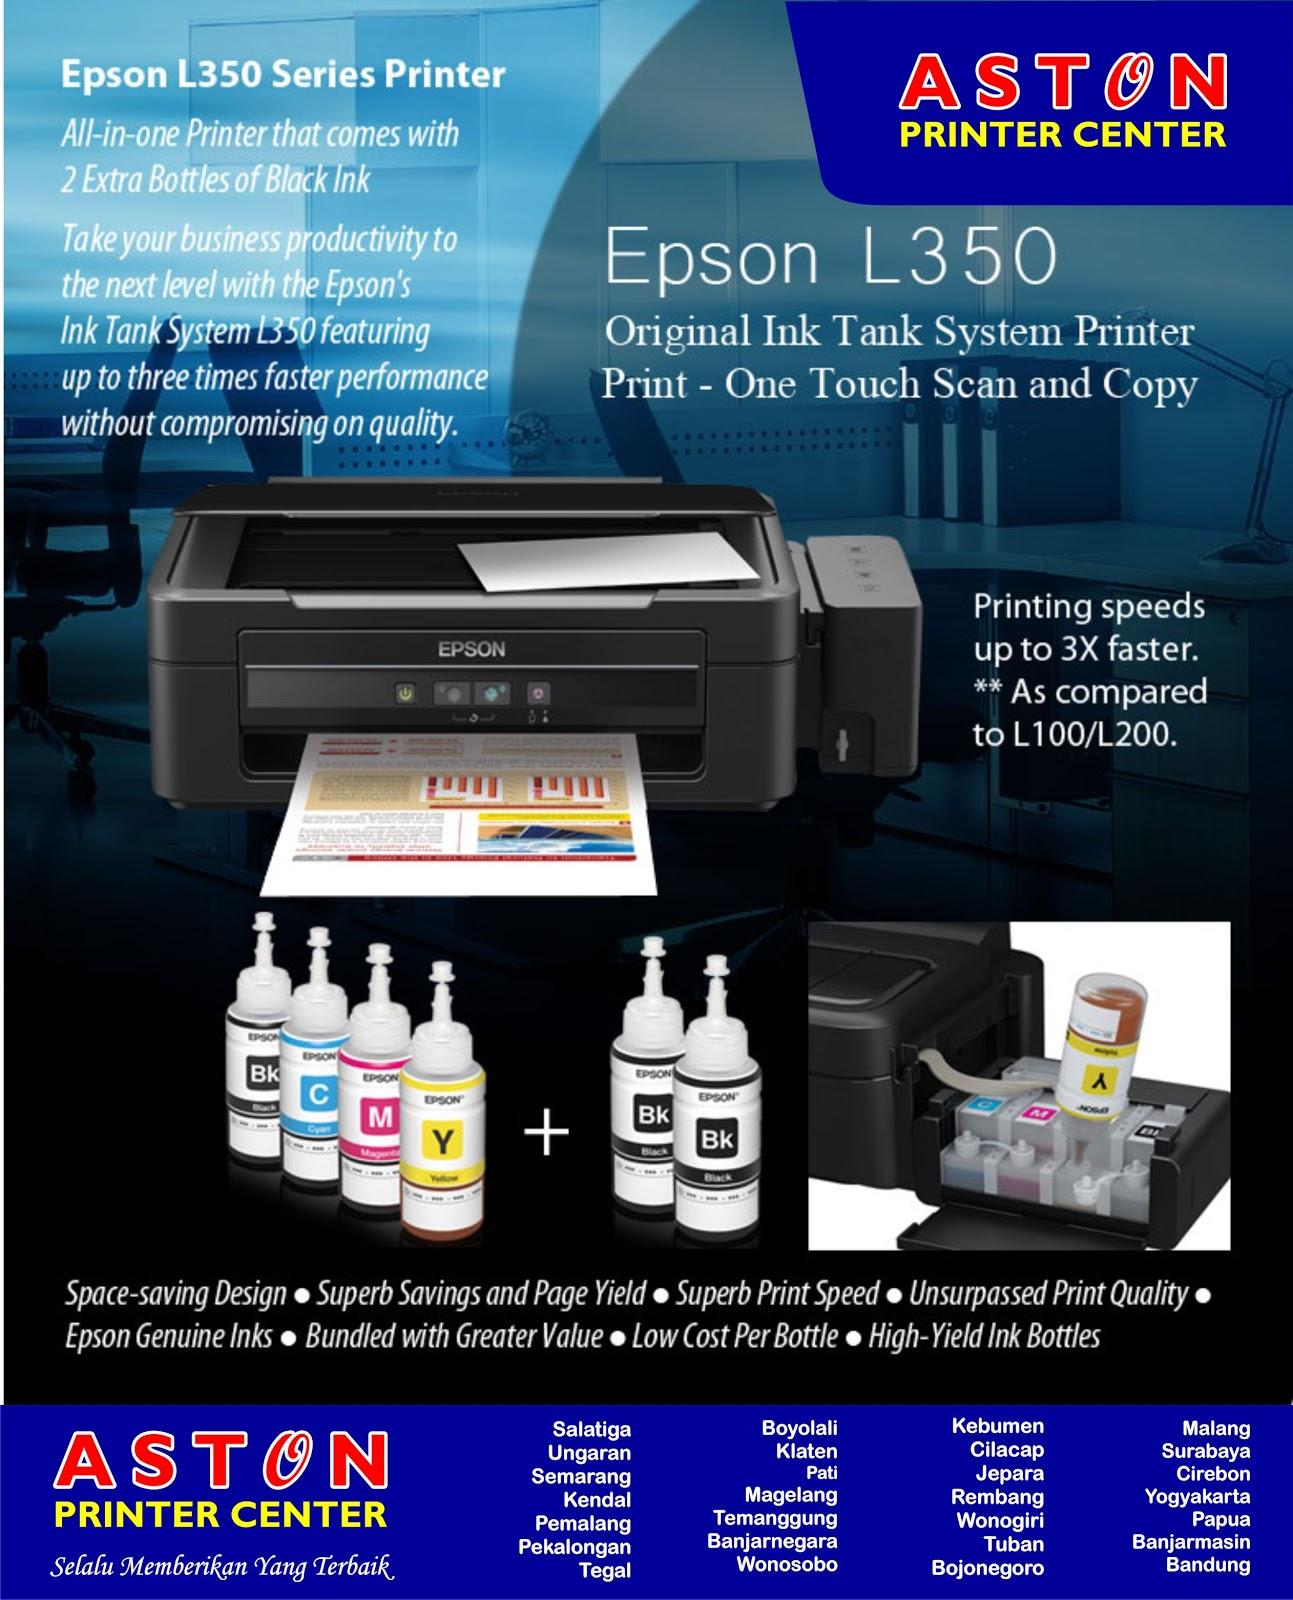 http://2.bp.blogspot.com/-UATMngg7YvY/UKo3wa8sWGI/AAAAAAAAAXk/eyQSCw-xrsA/s1600/Harga+printer+Epson+L350+aston+printer+.jpg